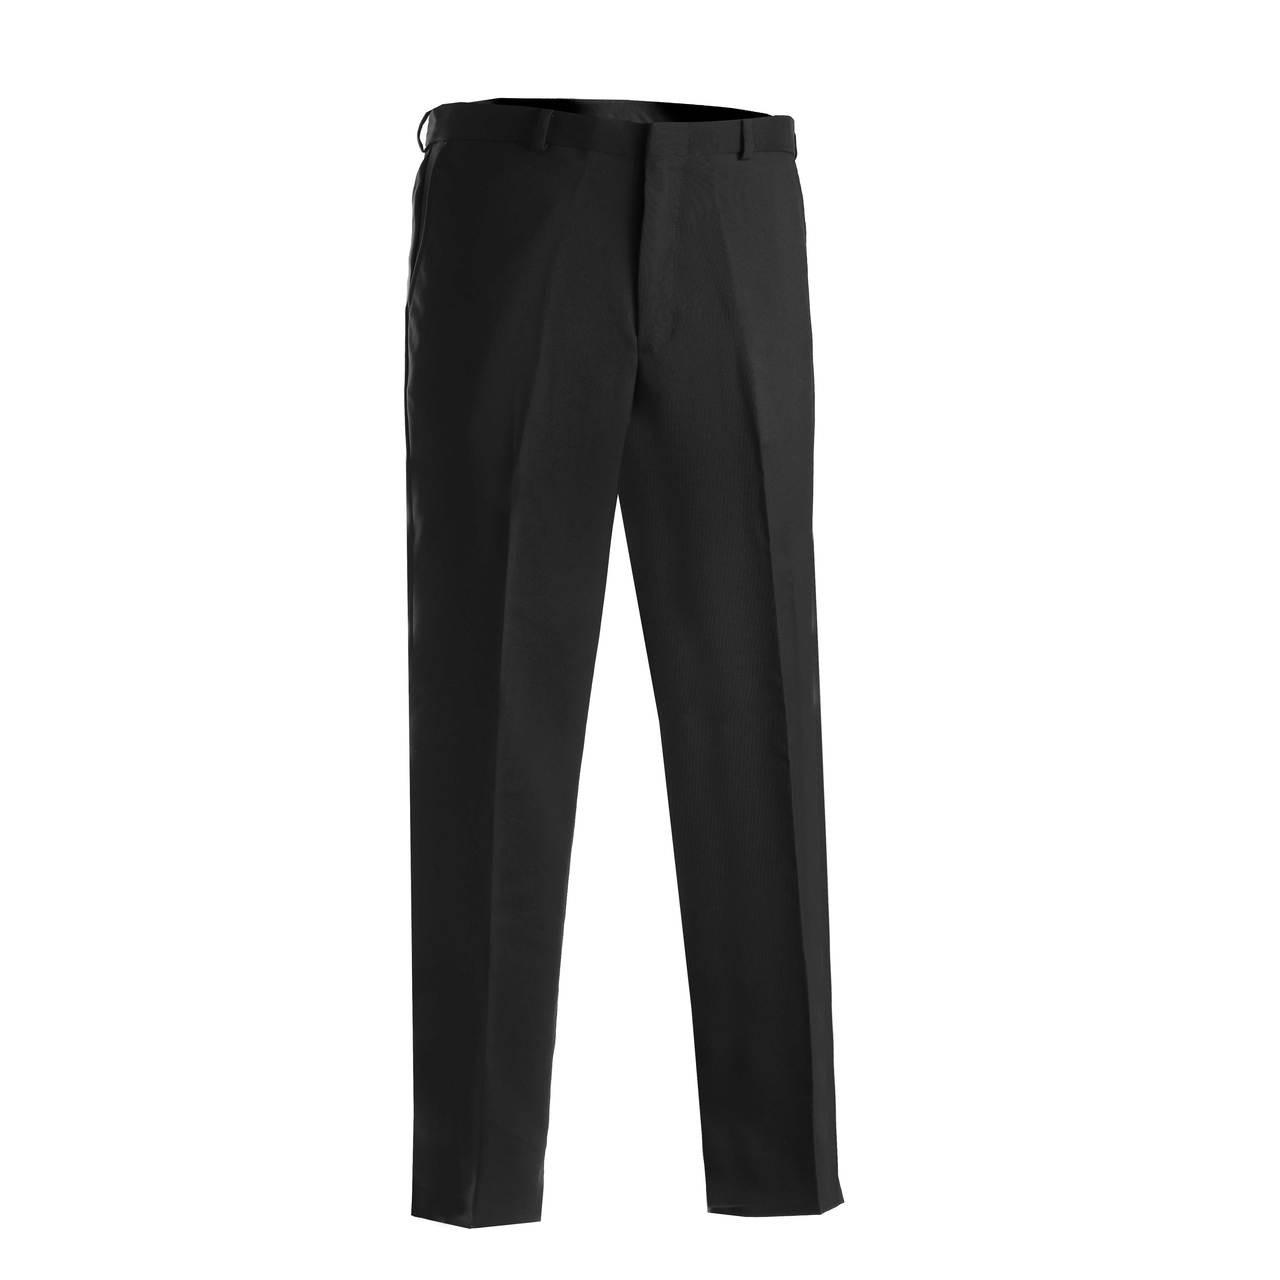 Men's 100% Polyester Suit Pants